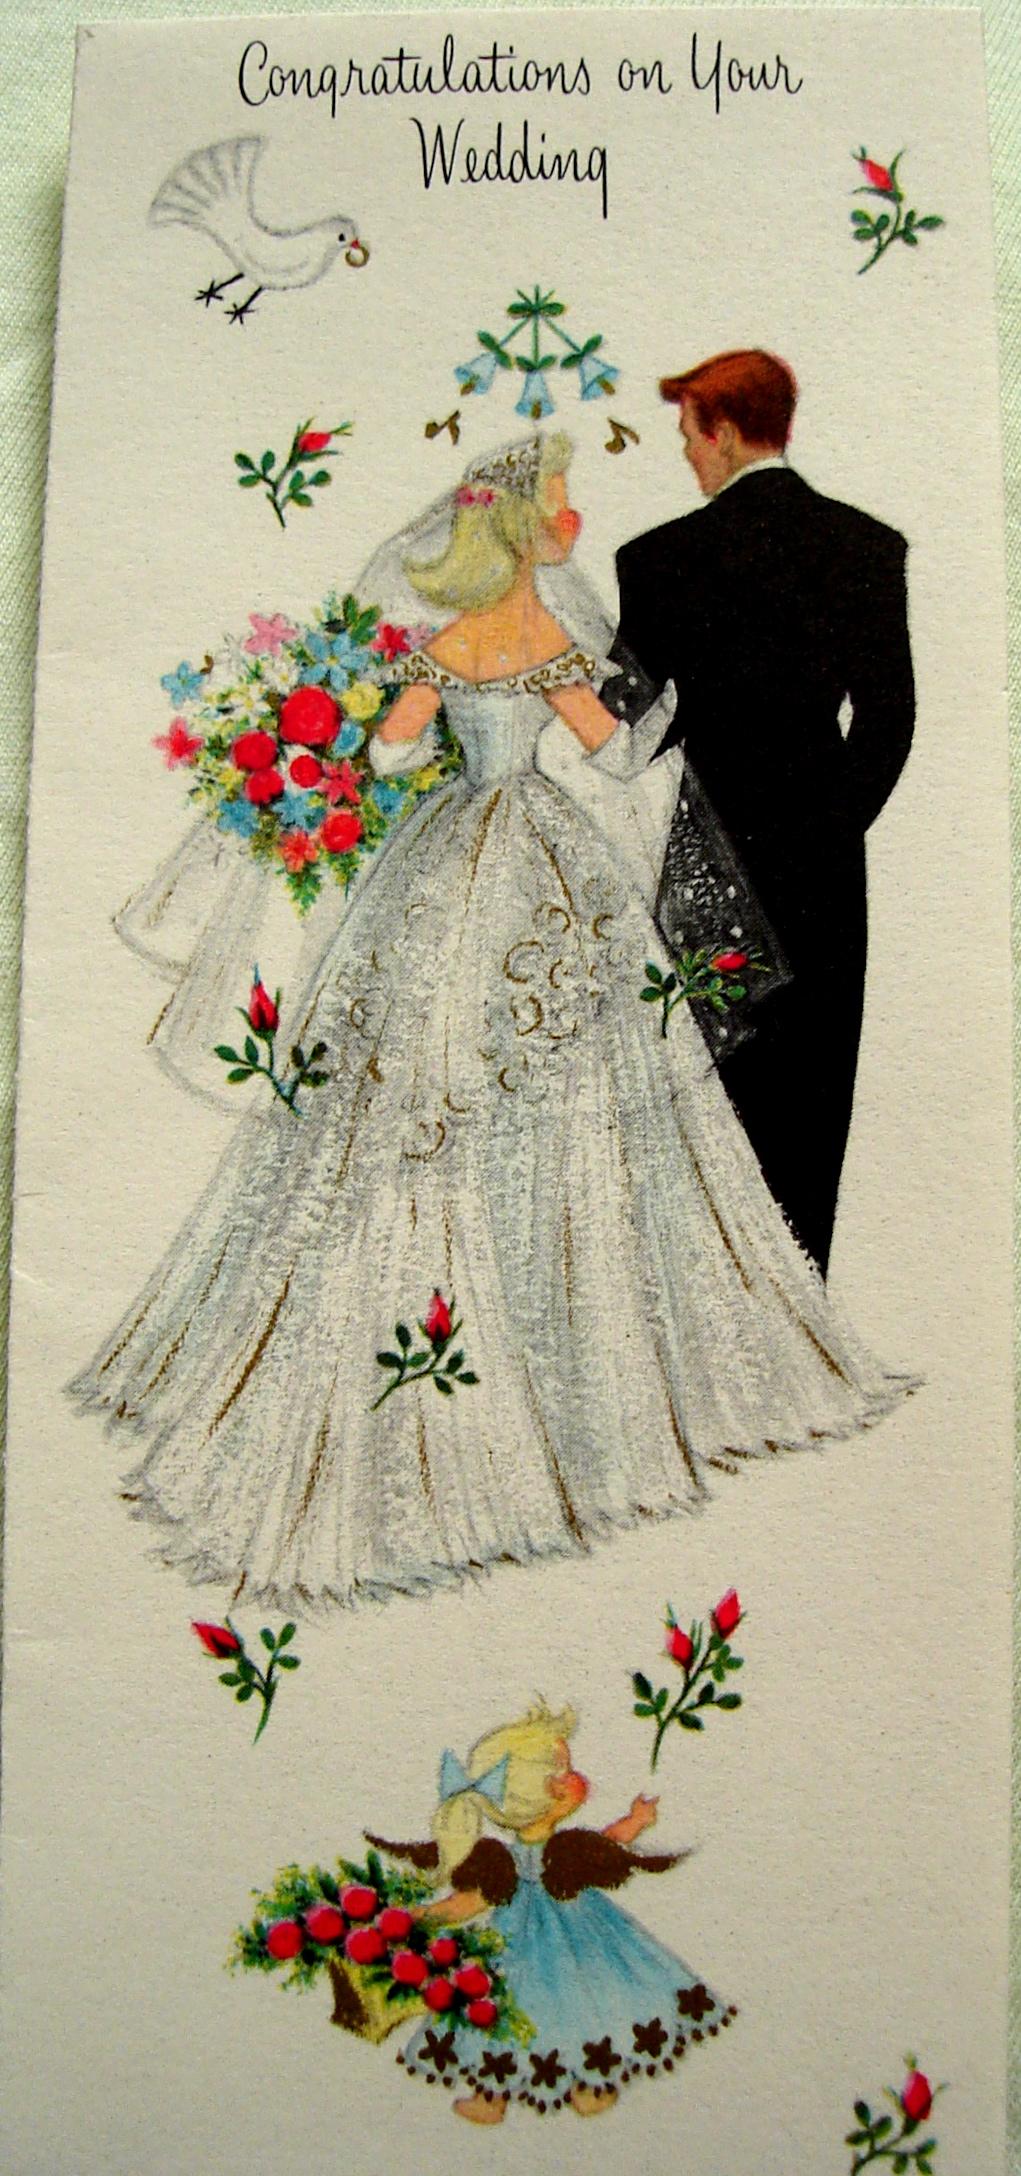 поздравление со свадьбы на английскому